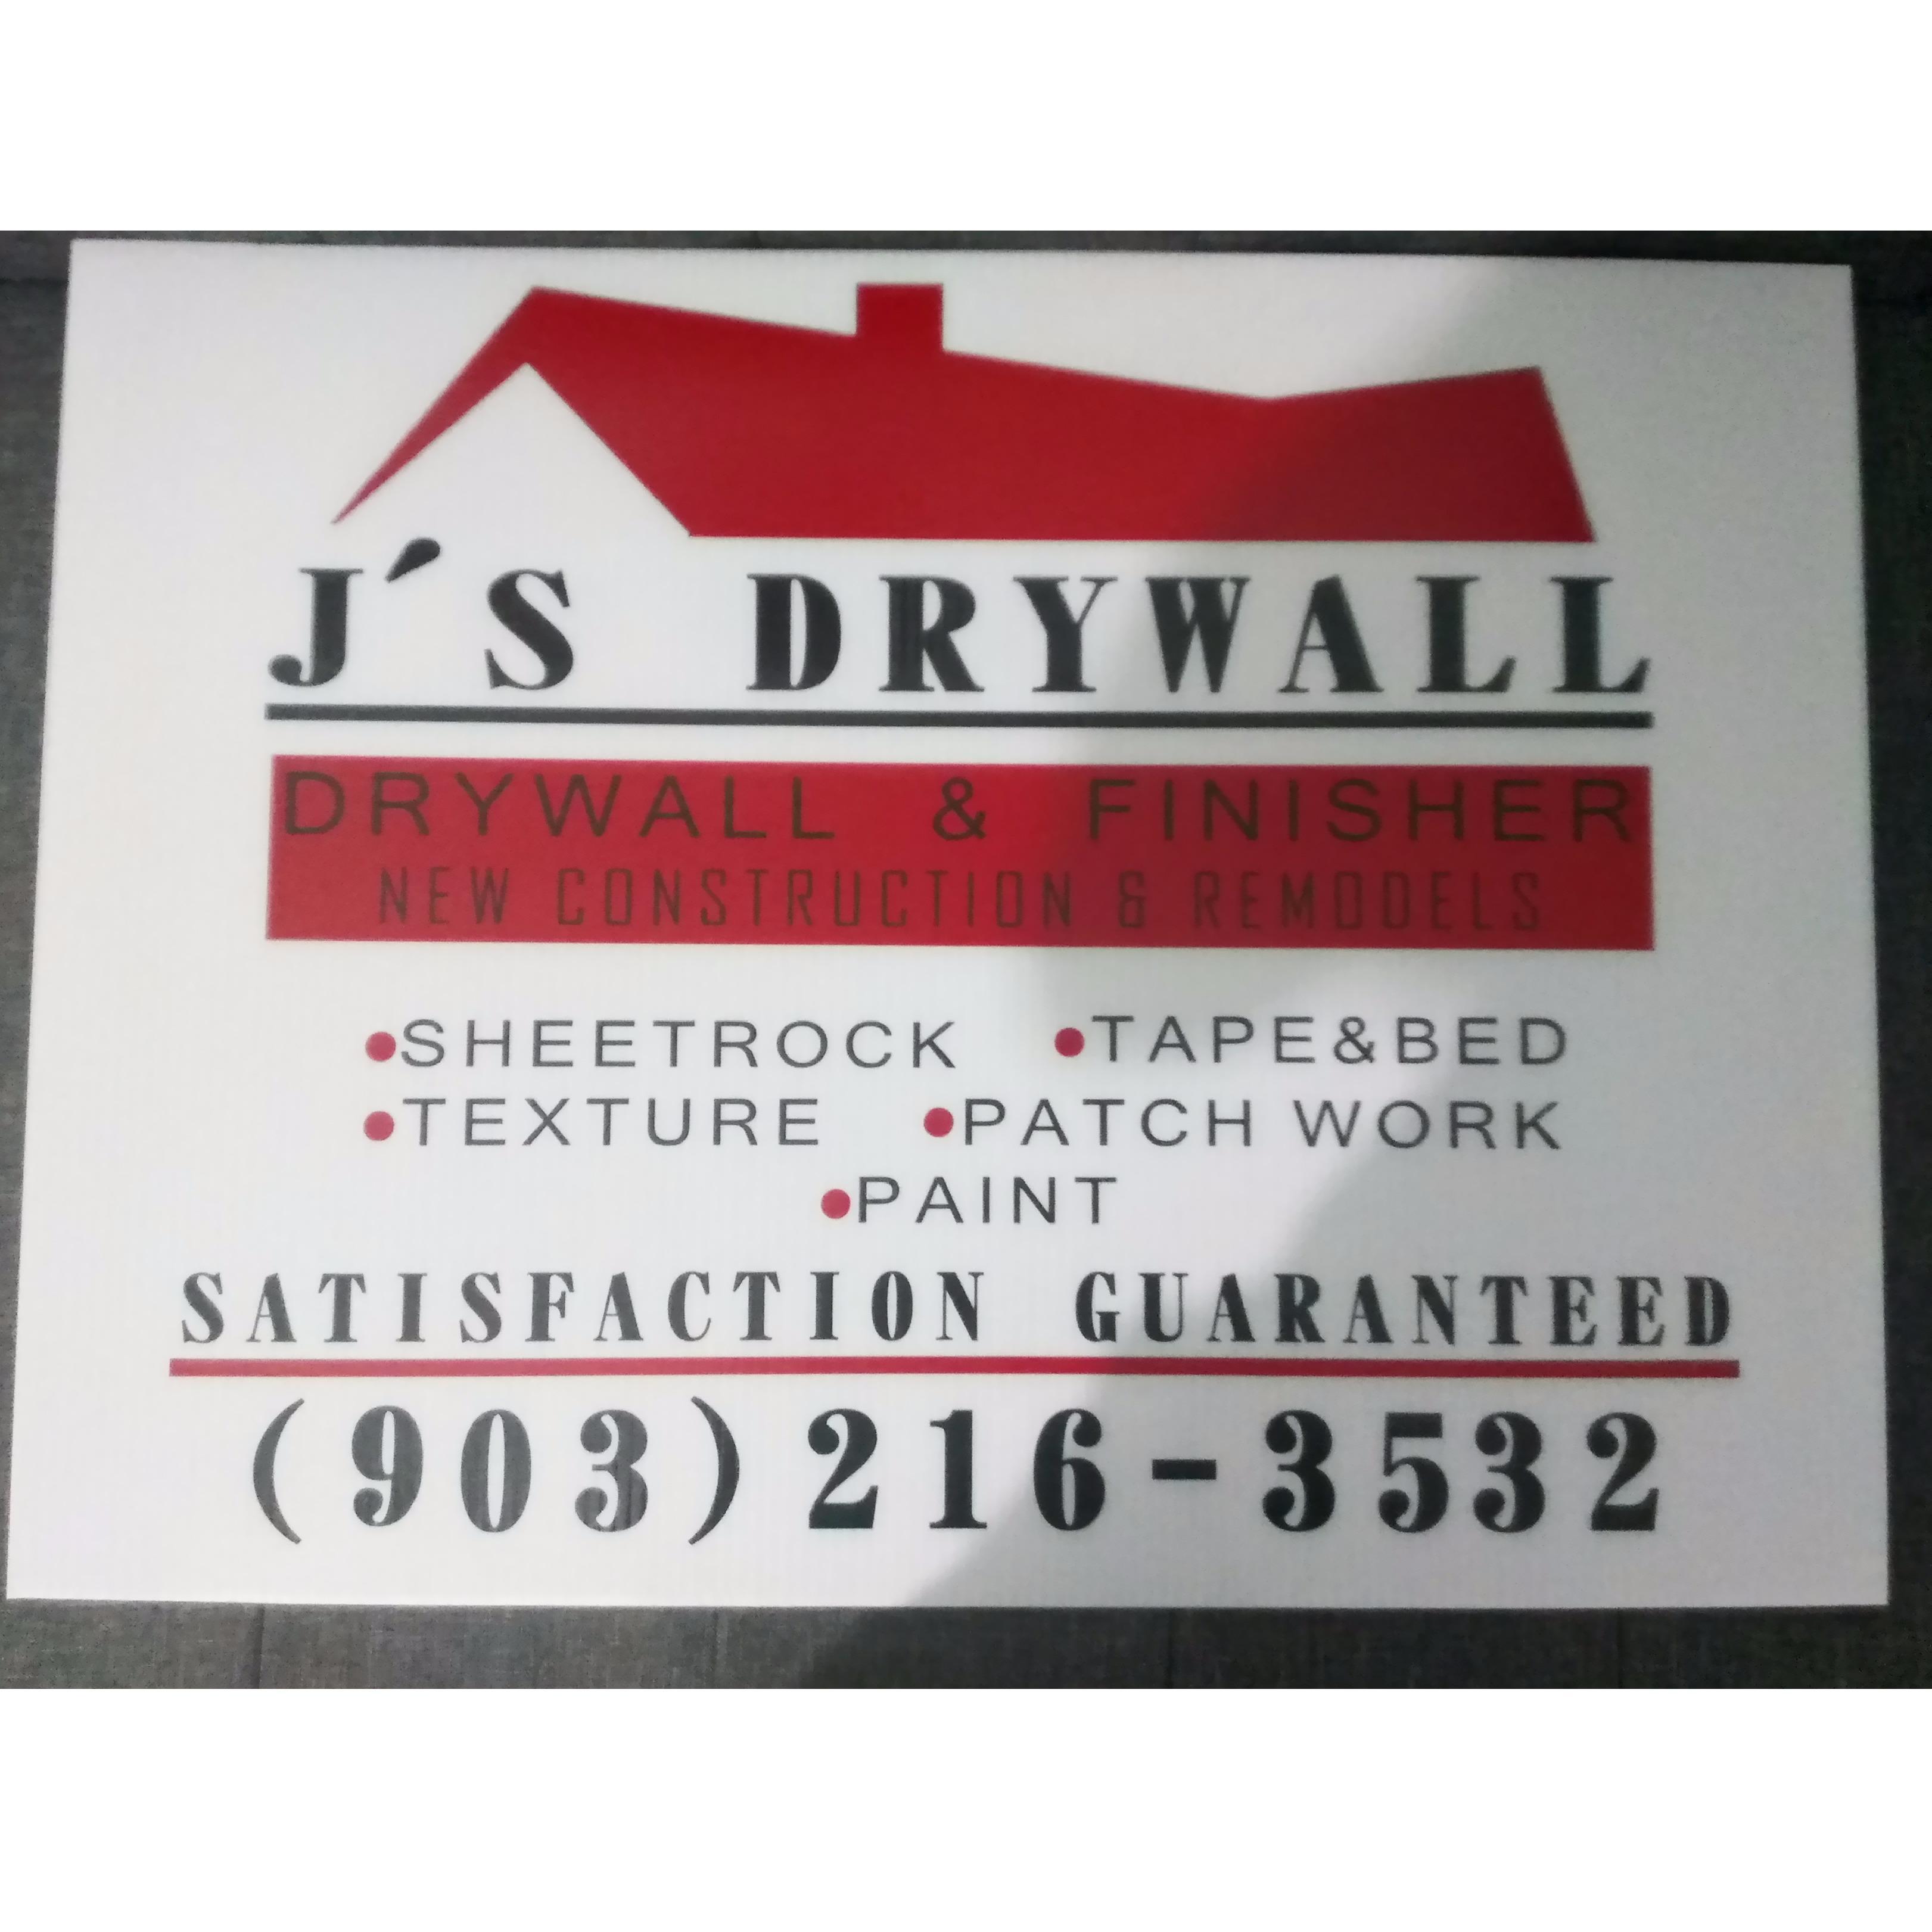 J'sdrywall image 4